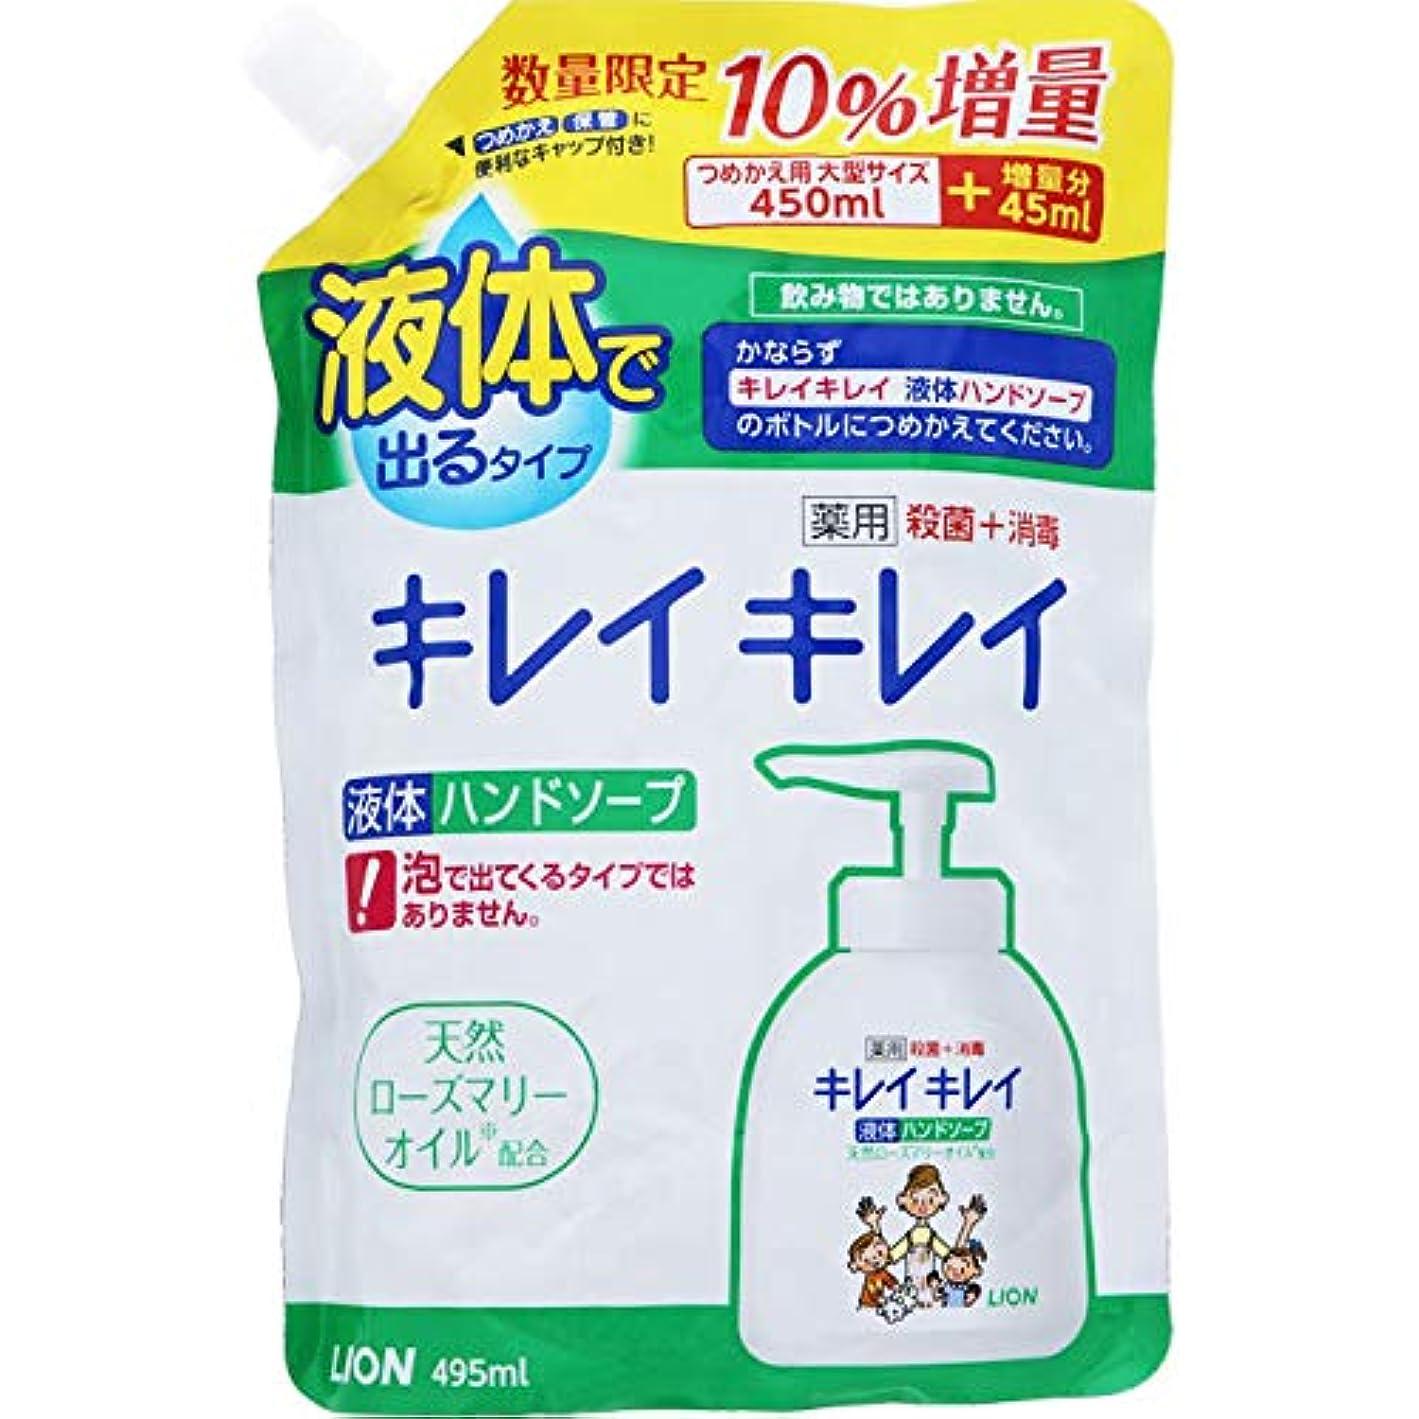 アライアンス選ぶかすかなライオン キレイキレイ 薬用ハンドソープ 詰替用大型増量 450+45ml